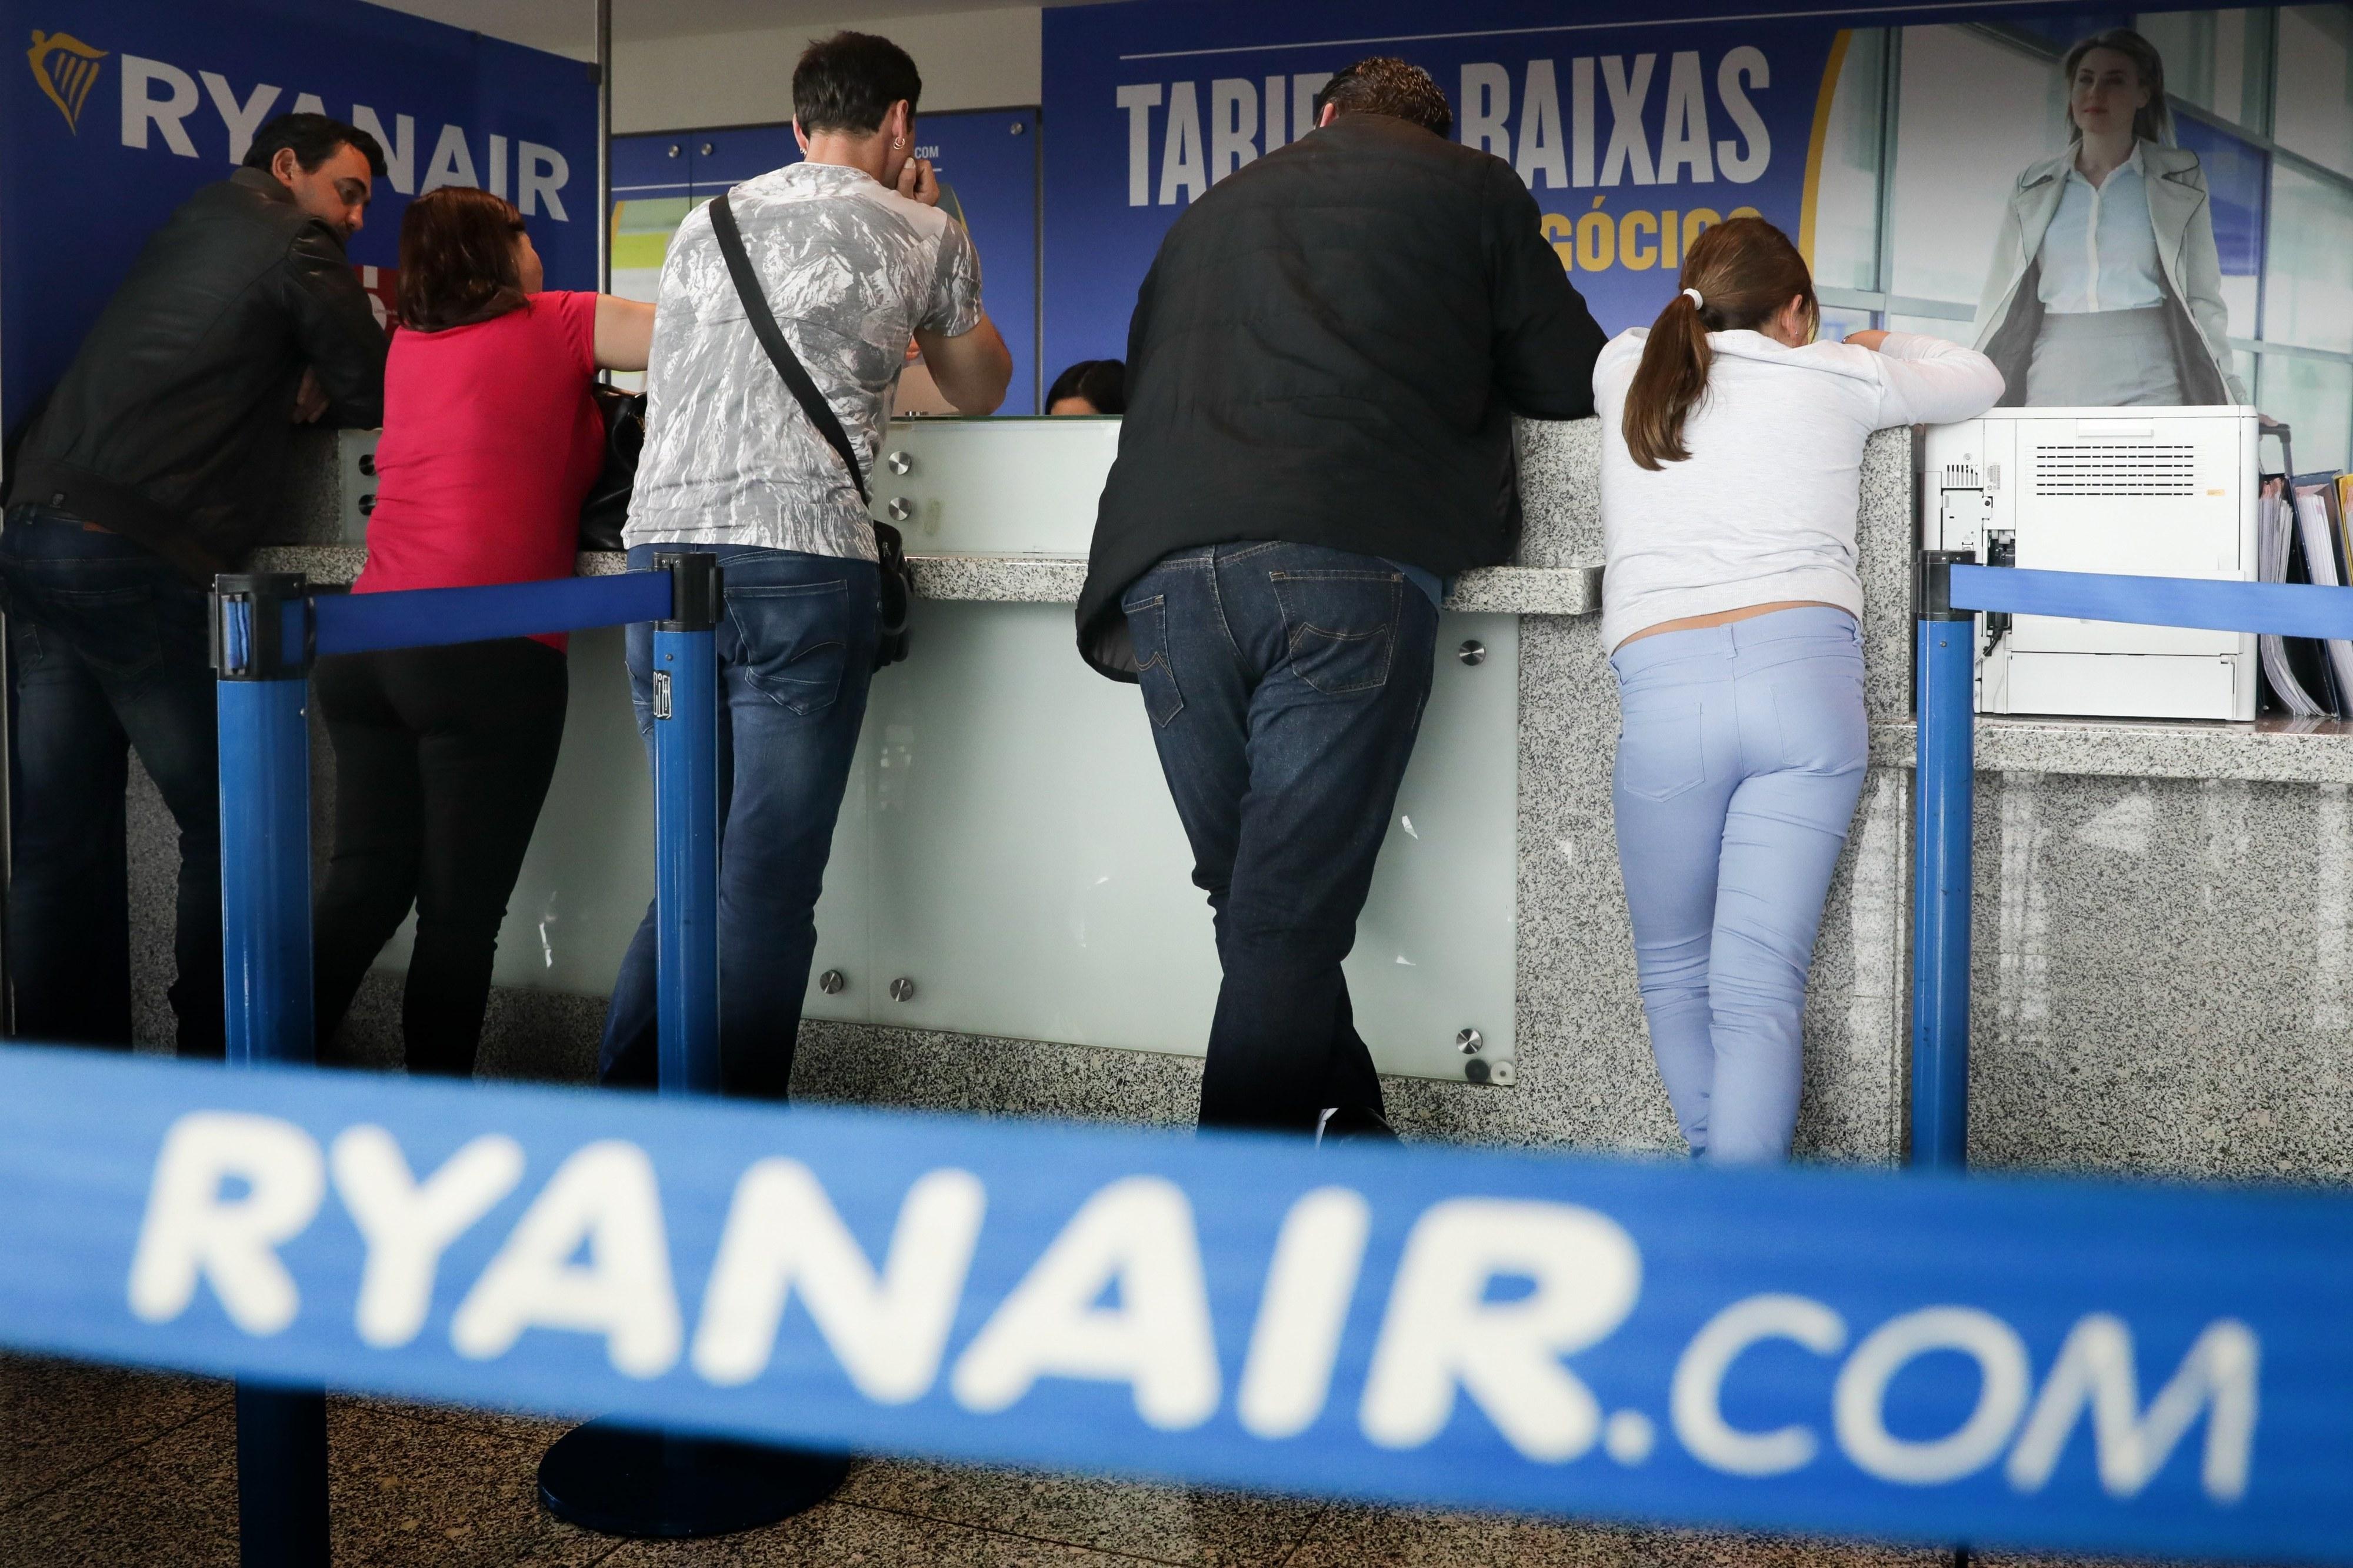 Tripulantes de cabine da Ryanair podem avançar para greve no verão